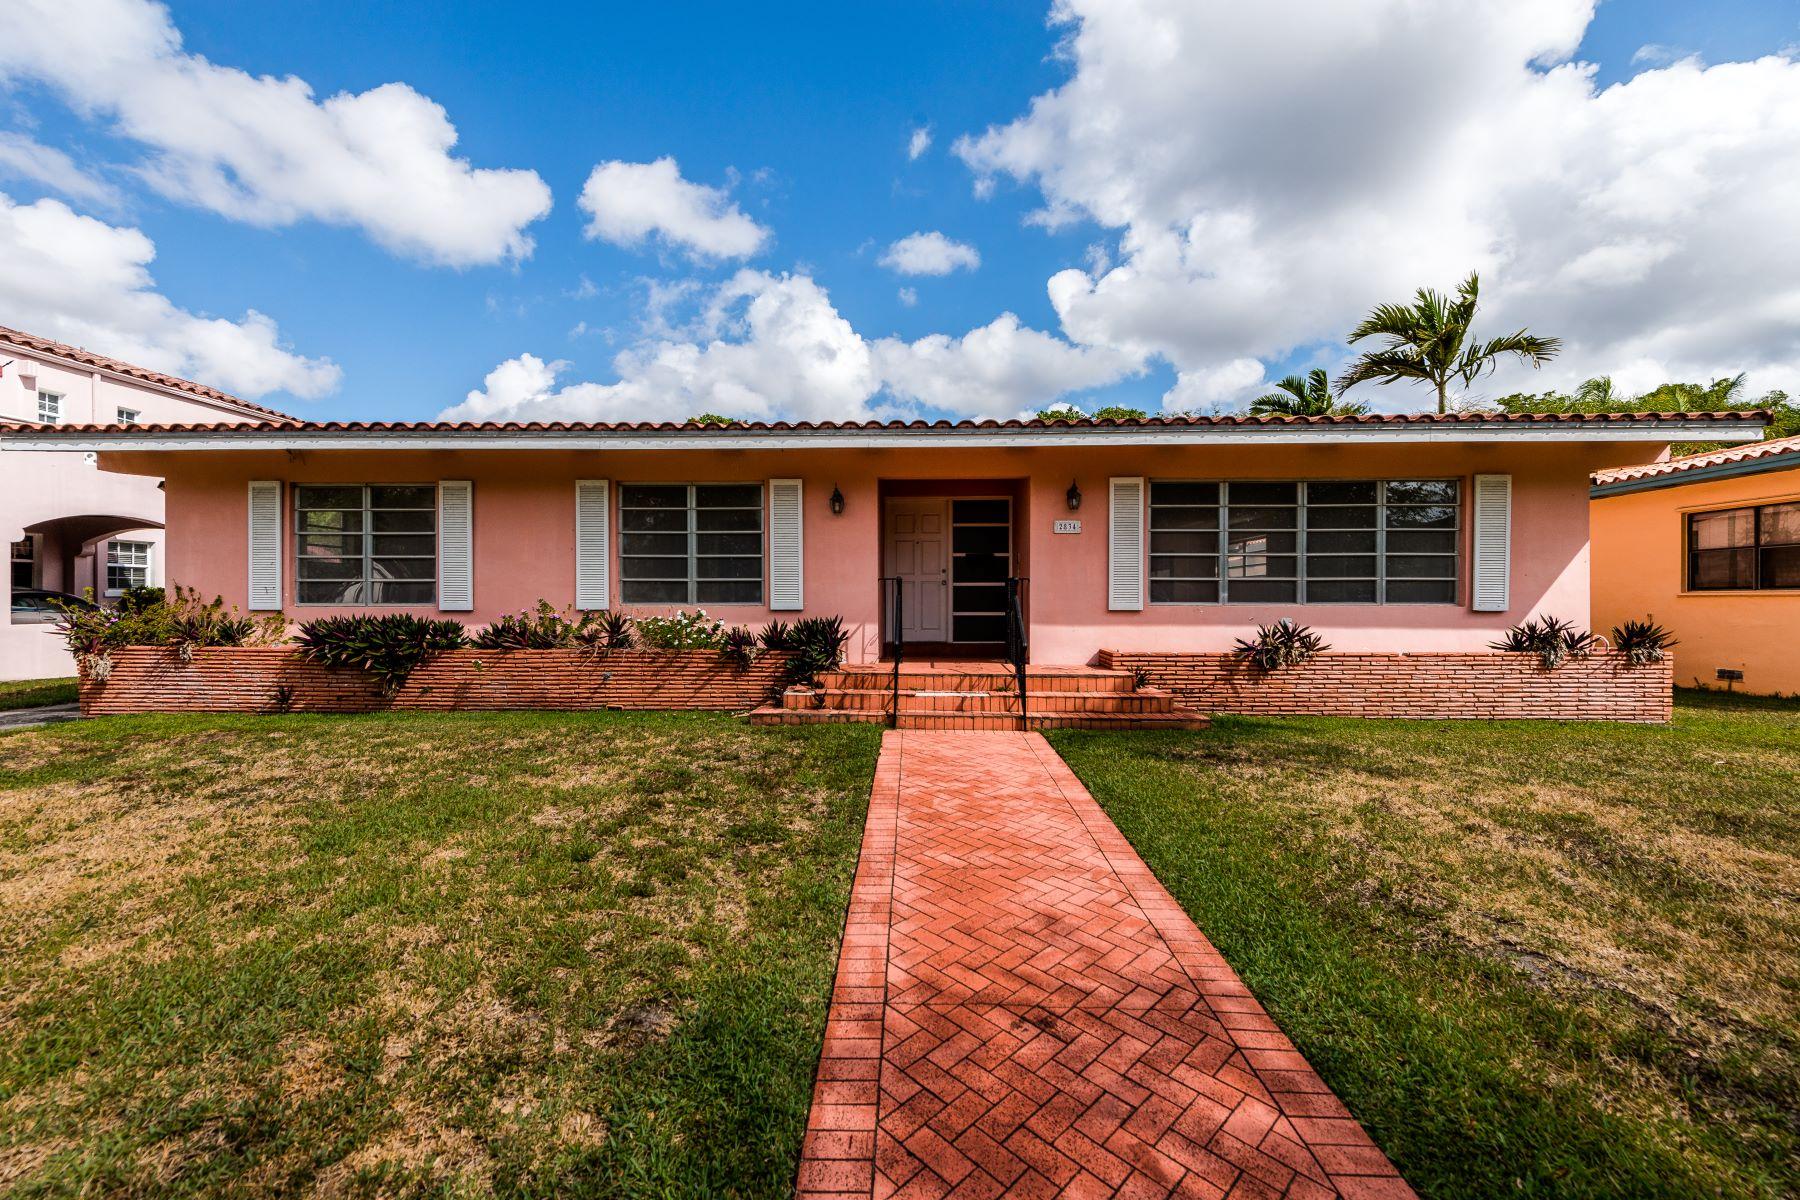 Maison unifamiliale pour l Vente à 2834 De Soto Blvd Coral Gables, Florida, 33134 États-Unis